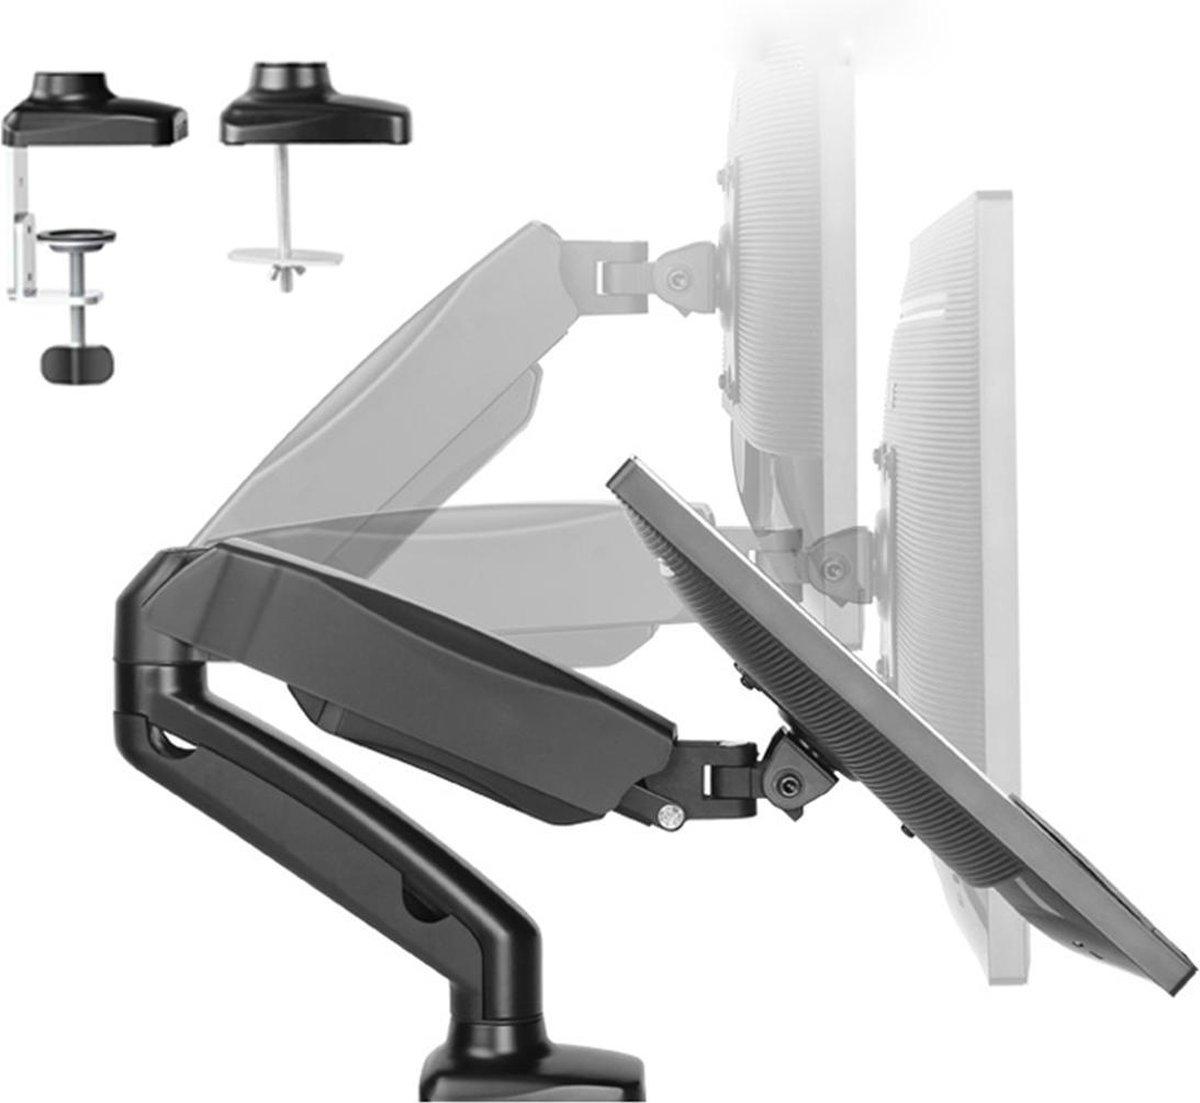 Douxe FM-SPM1 - Gasgedreven Monitorbeugel - Monitor Arm 13-27 Inch - Full Motion voor op Kantoor en Thuis - Zwart kopen